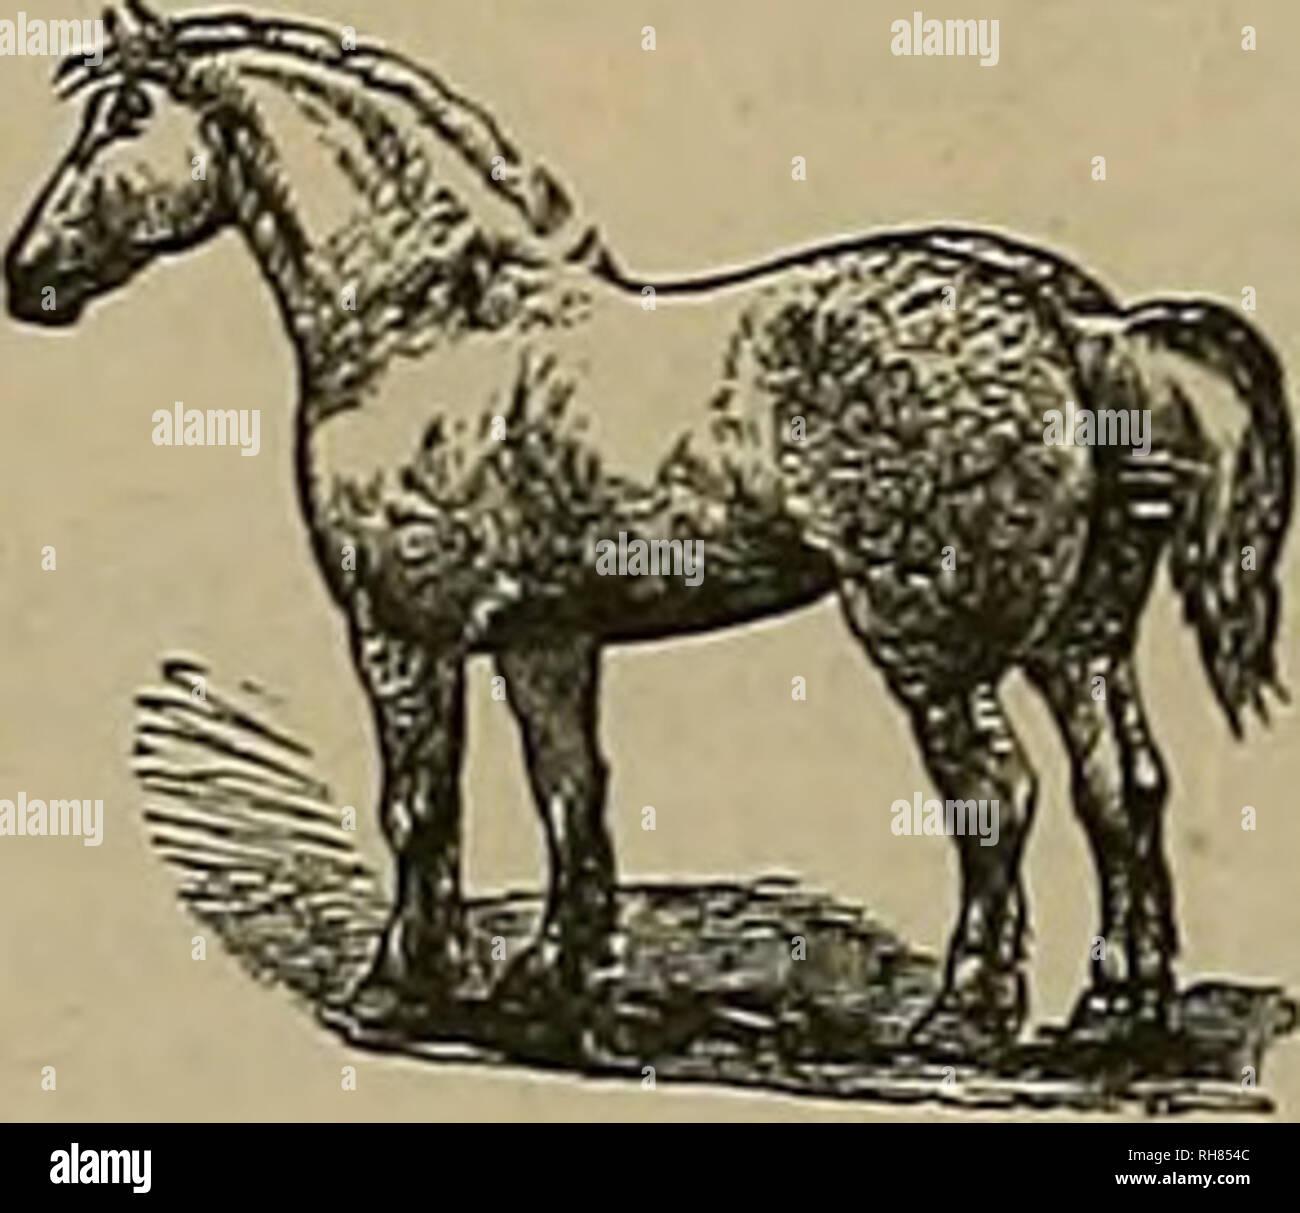 """. Source et sportsman. Les chevaux. 5e Grand Breeders' Association Salii F. J. BERRY &AMP; CO.'S Union Stock TTa,r<un.ss, Chioaga 7 â ¢""""' T-f'O sur vente privée. a également fait de la couvée et la race- CHEVAUX, et sélectionnera les étalons et les juments de sang pour l'exportation. Avoir une connexion rapide entre les obtenteurs dans toutes les colonies australiennes tbe et aussi la réputation d'un juge de stock de sang, les acheteurs peuvent se fier à leurs intérêts d'avoir une attention spéciale. H A. THOMPSON, LateO. BRUCE LOWB I 9 Bllerh St., Sydney. Snnth Nouvelle Galles. Octobre 26, 27, 28, 29, 30 et 31,1891. Standard-Bred. Le bilan de l'ordre le plus élevé Banque D'Images"""